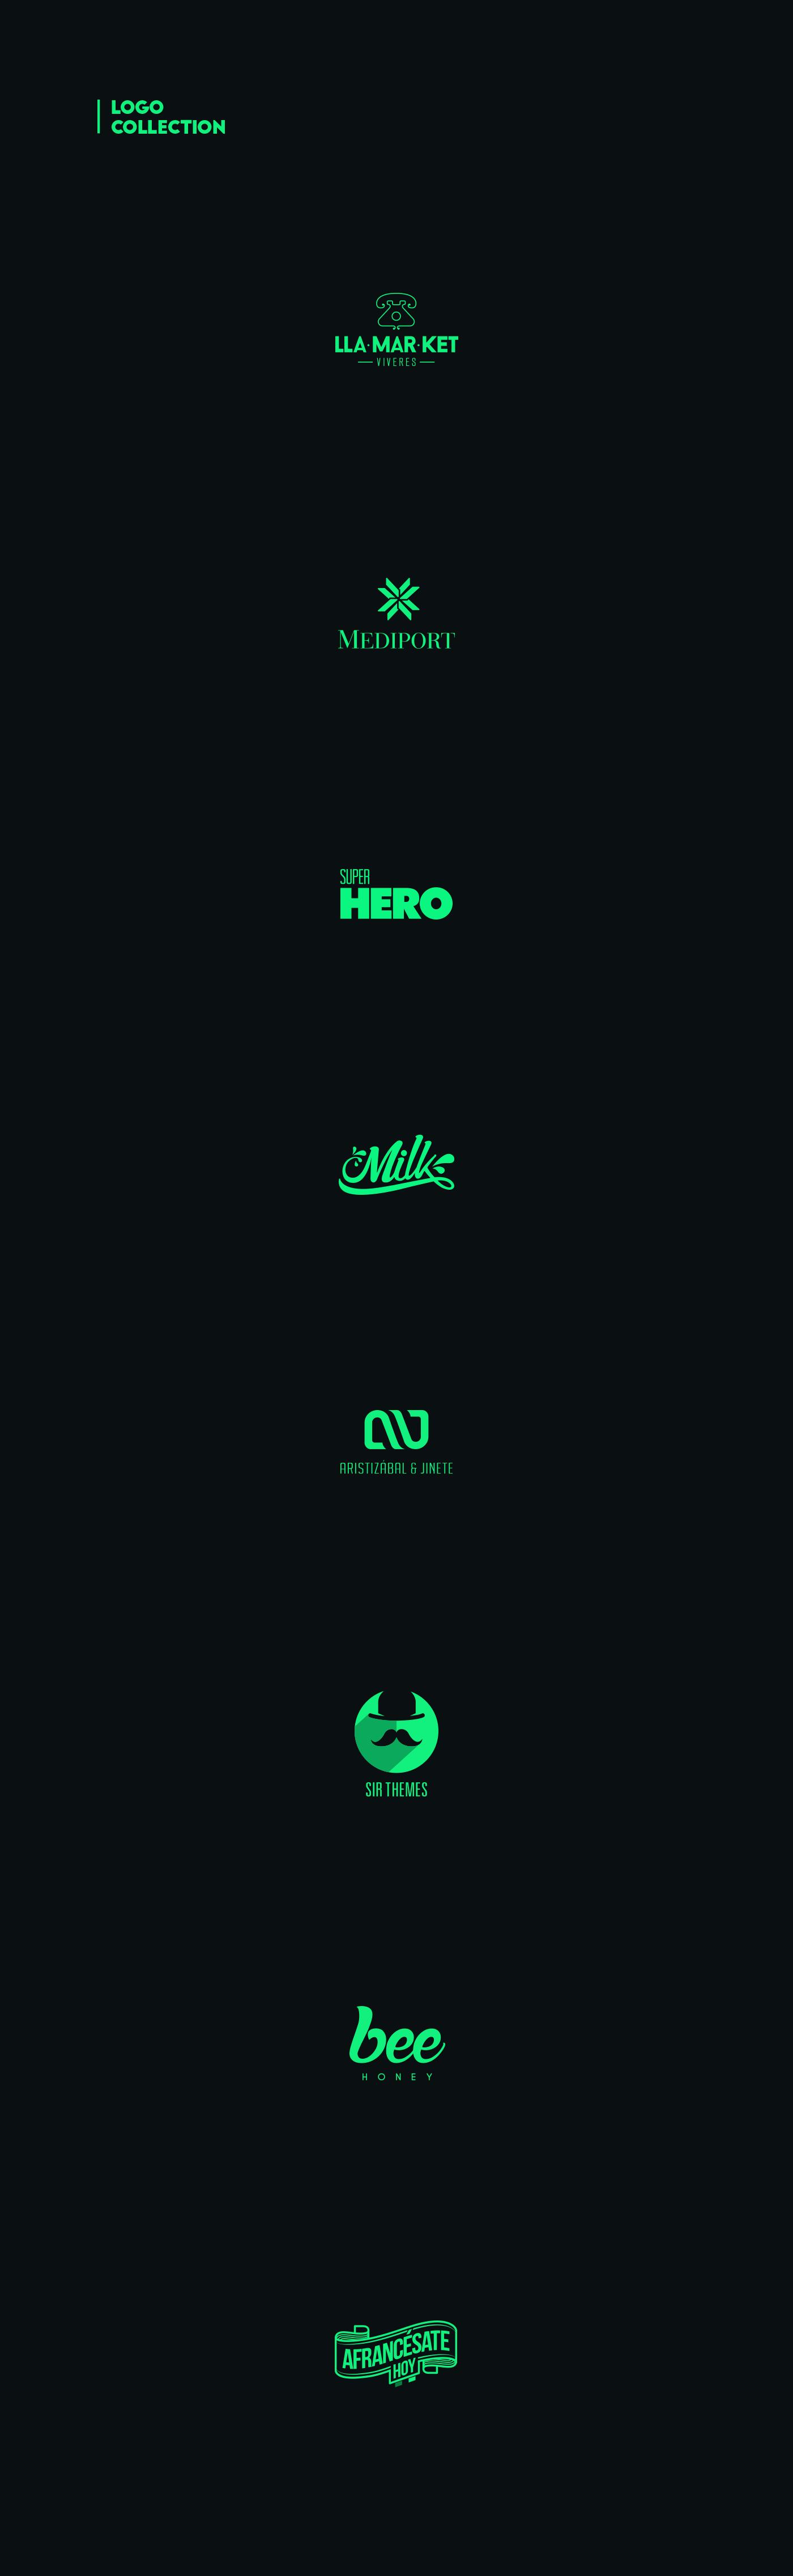 https://www.behance.net/gallery/17726441/Logo